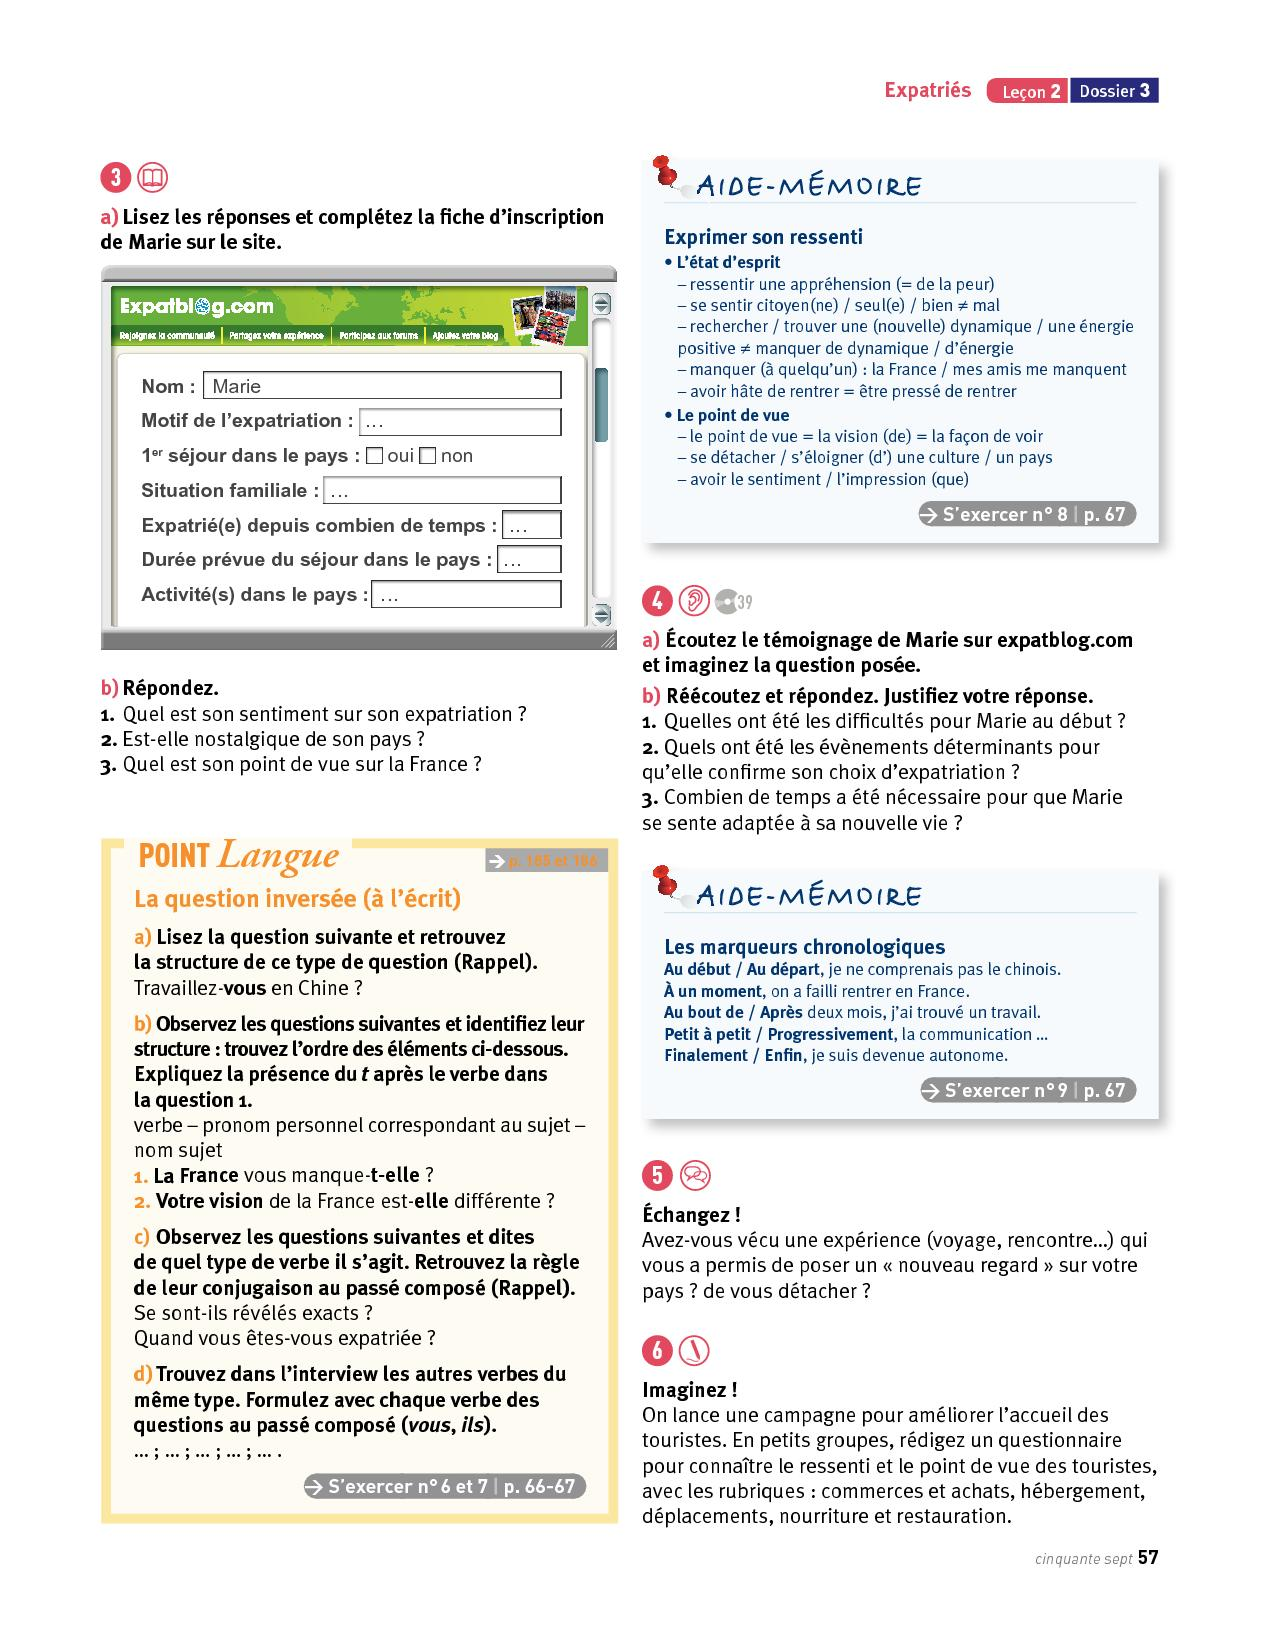 12 sites et applications de rencontre: comment choisir?